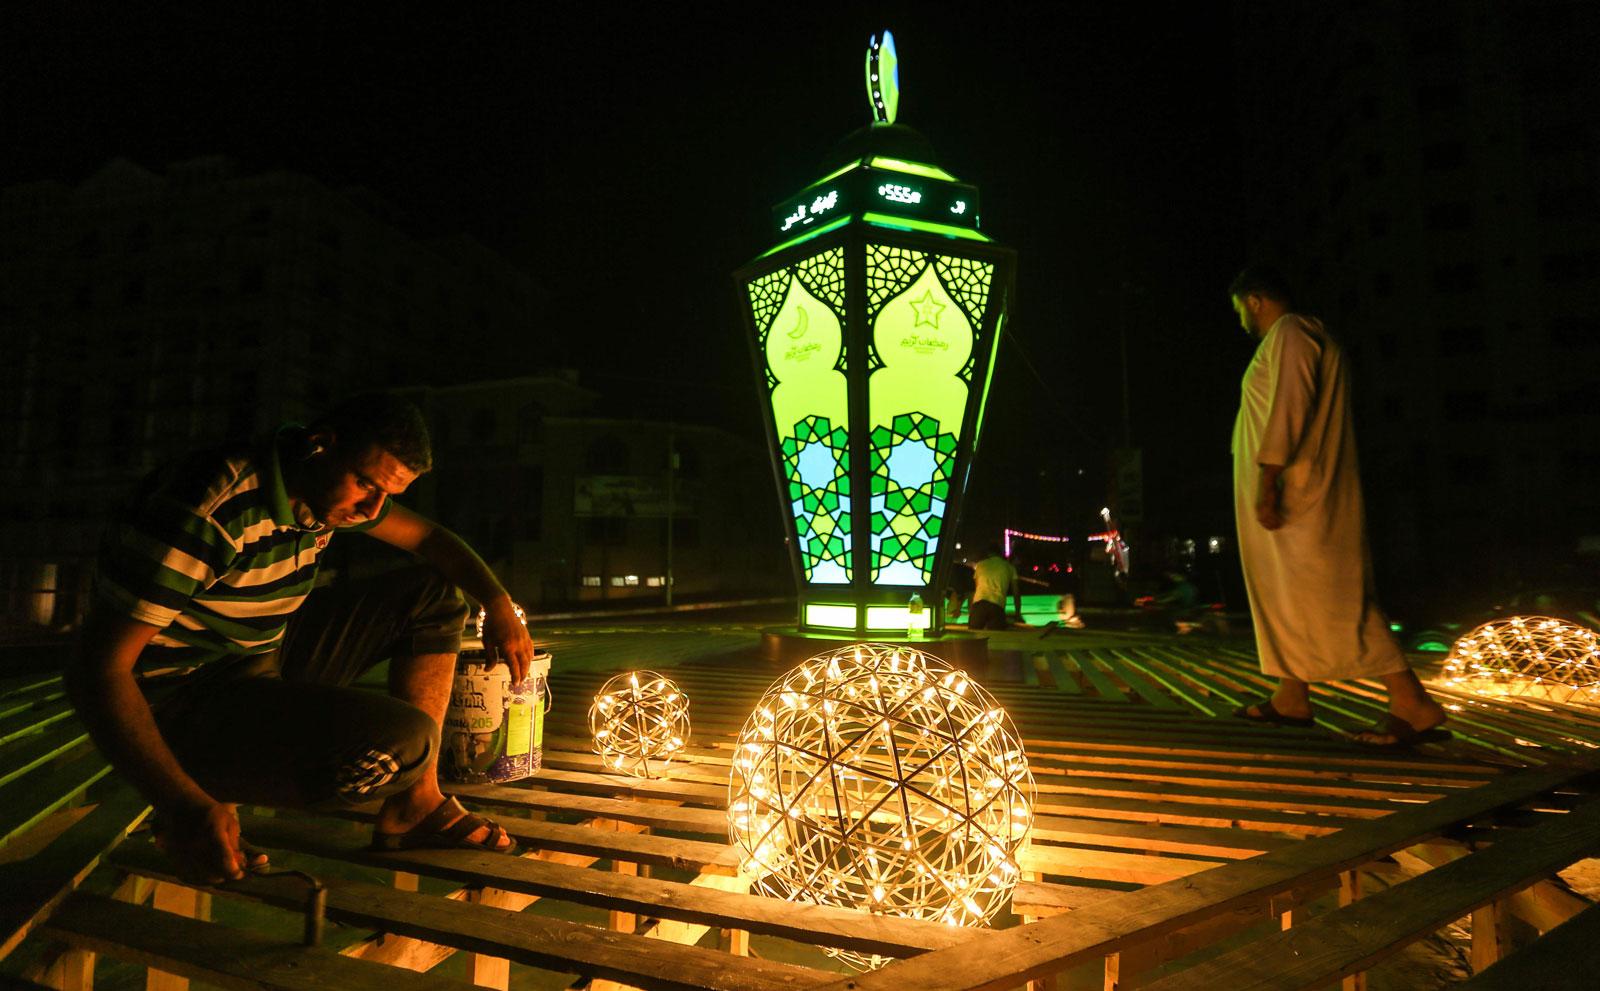 بالصور صور رمضان جديده , اجمل واحدث الصور لرمضان 6118 5